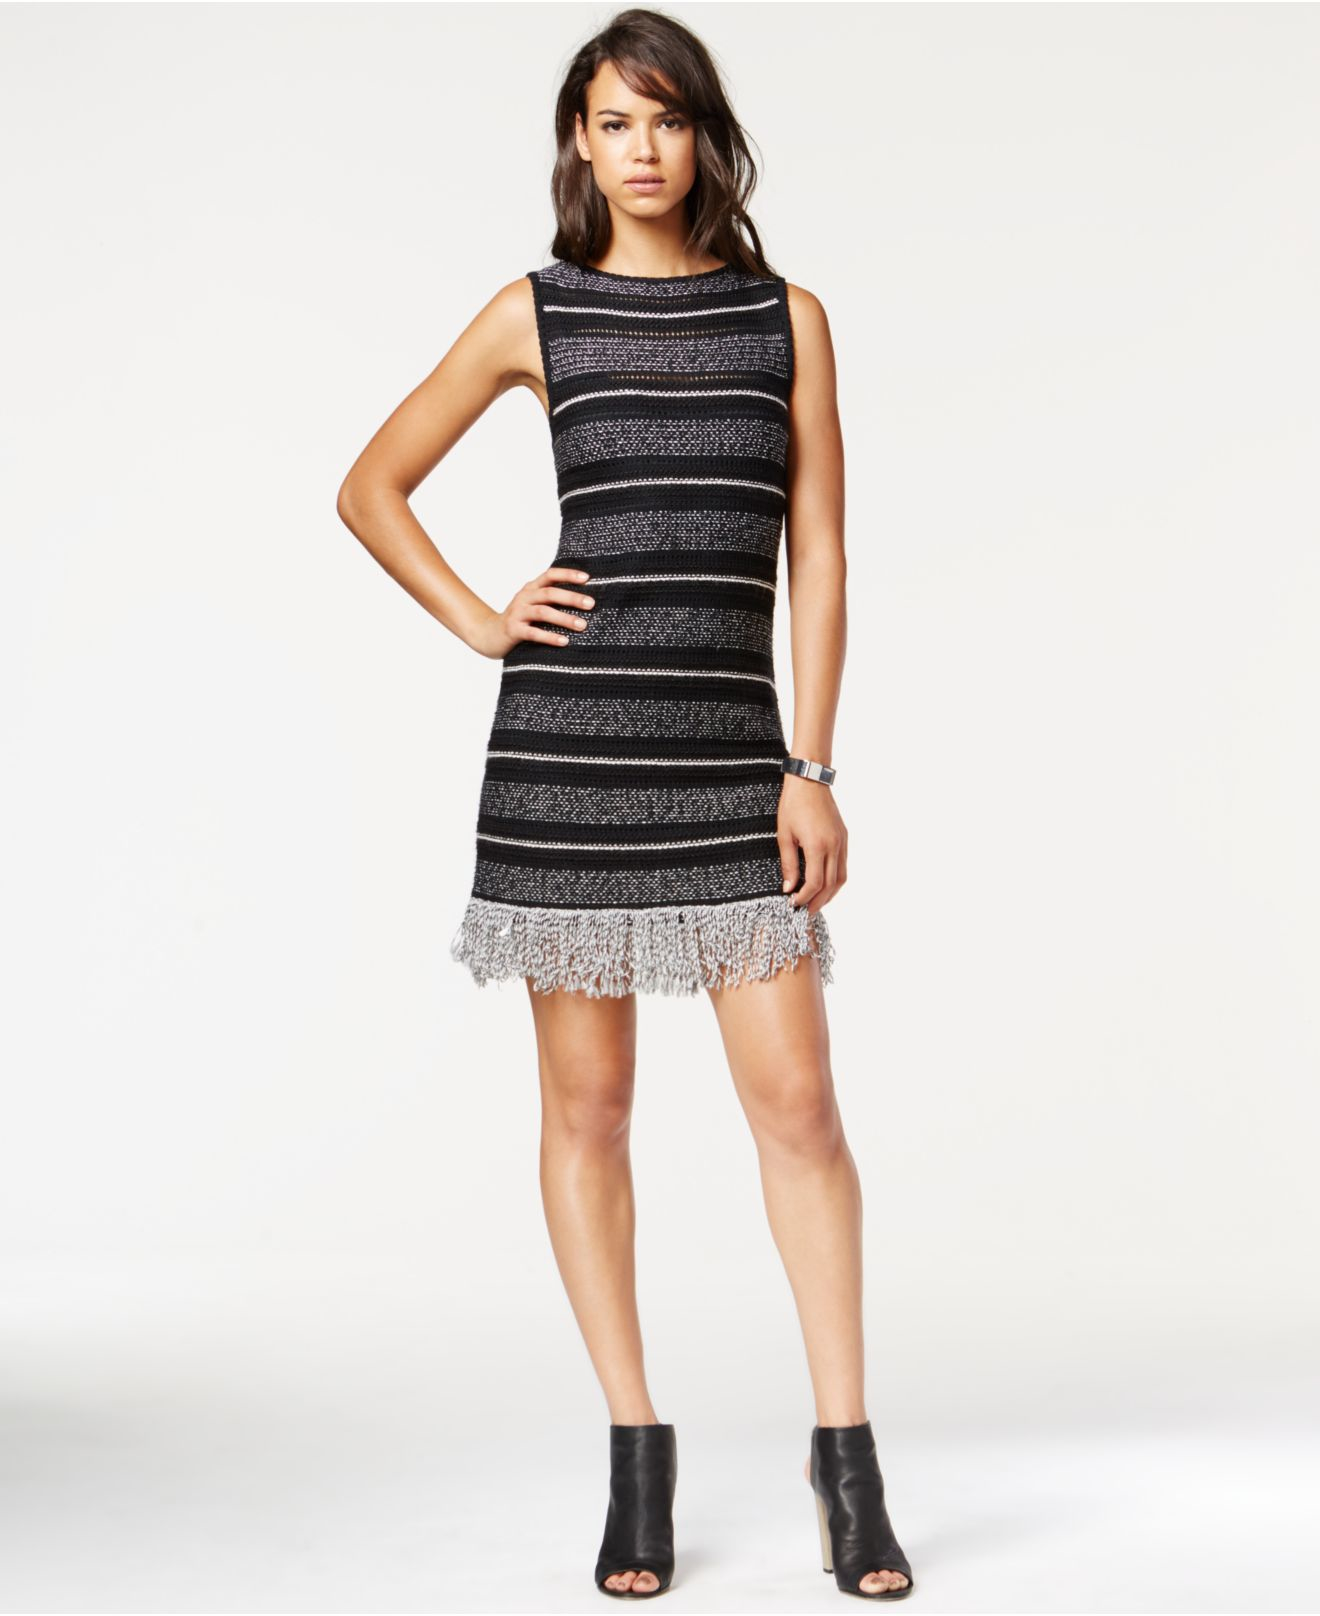 ca511847c0 RACHEL Rachel Roy Striped Fringe-detail Sweater Dress in Black - Lyst